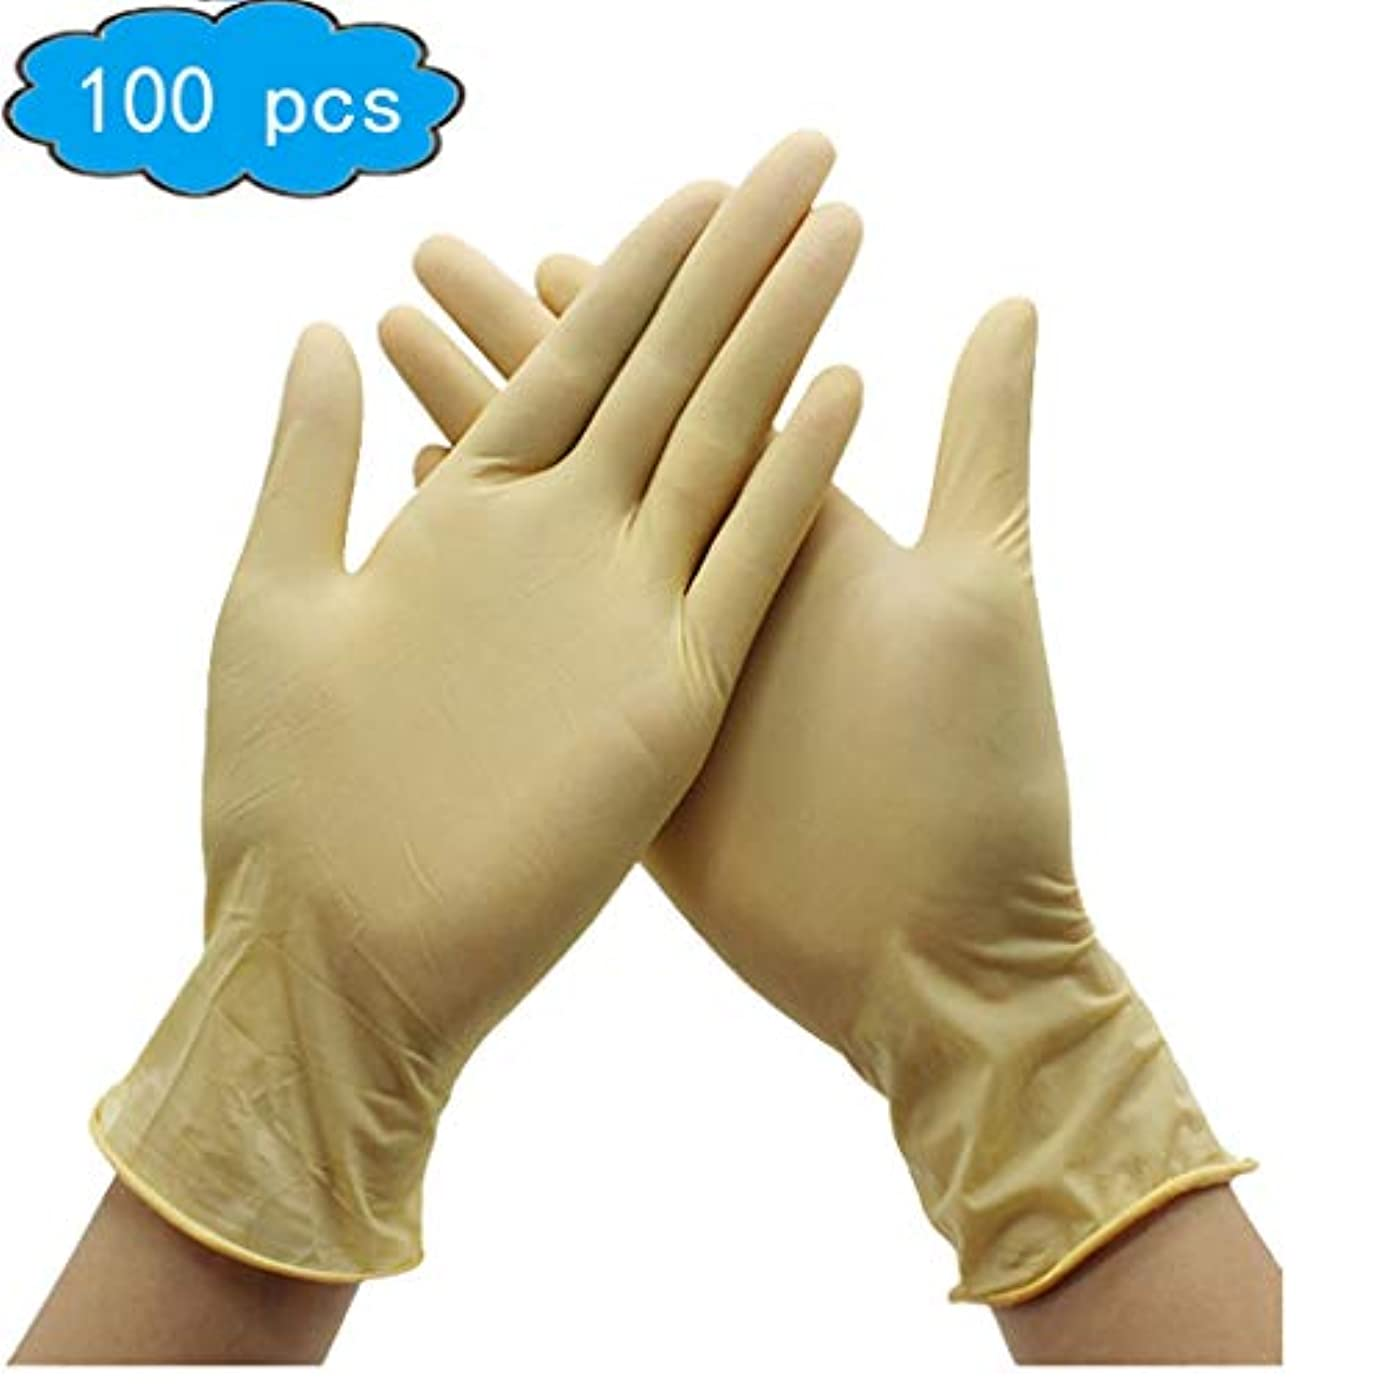 誓うゾーン安心させるラテックス手袋、試験/食品グレードの安全製品、使い捨て手袋および手袋Dispensers 100psc、衛生手袋、健康、家庭用ベビーケア (Color : Beige, Size : L)